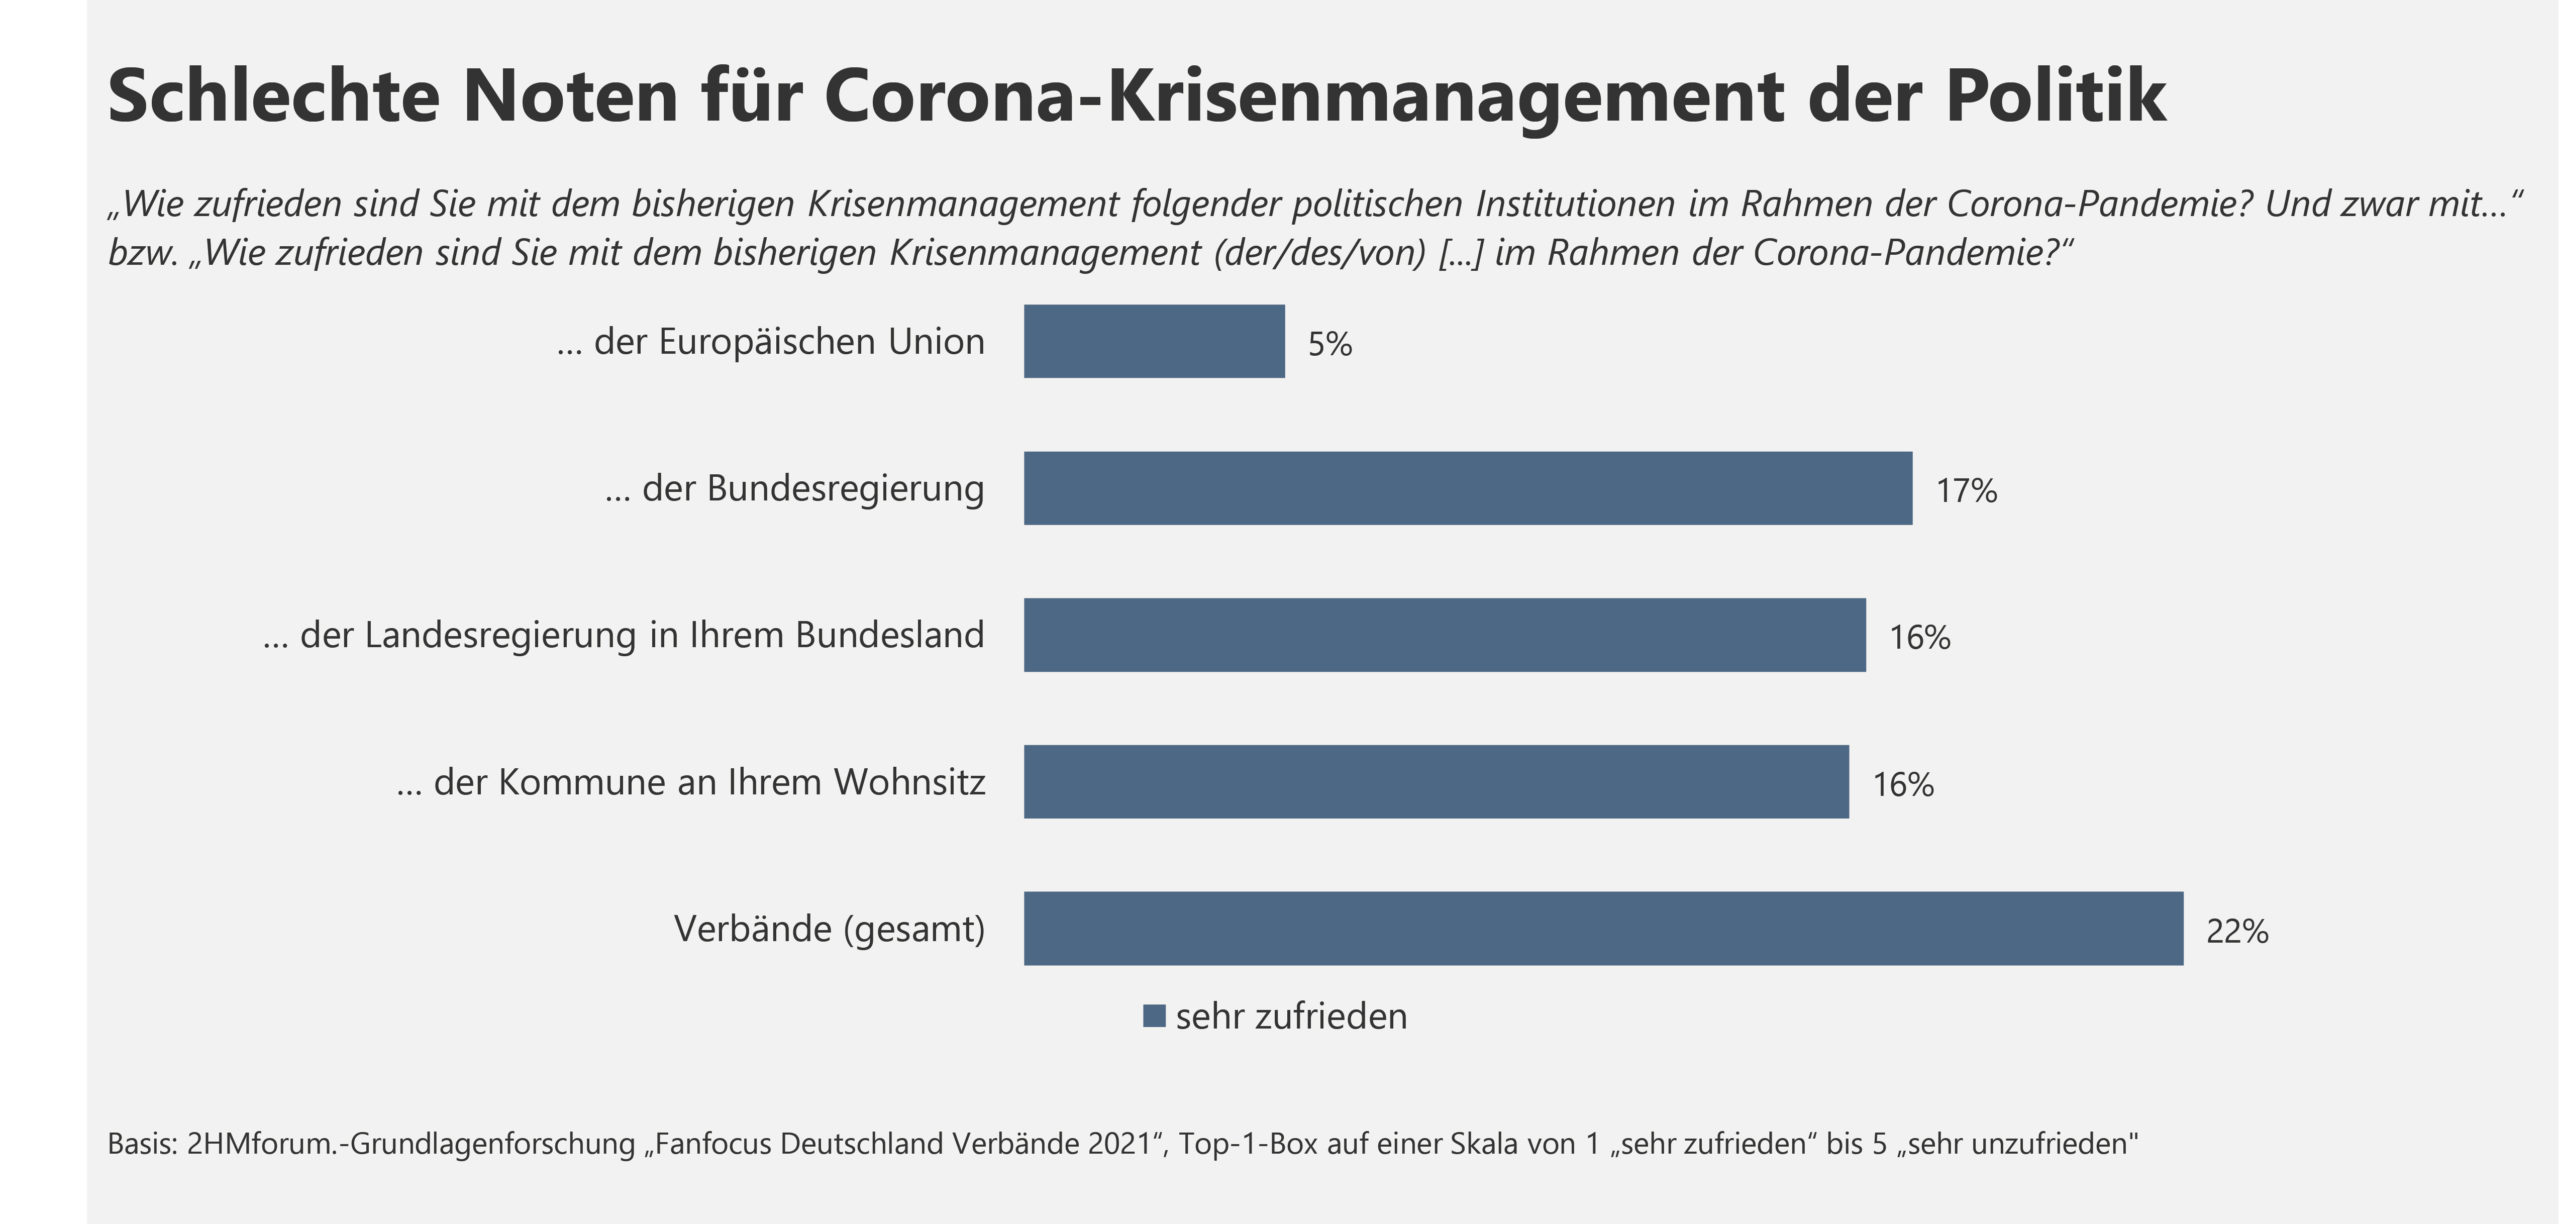 Schlechte Noten für Corona-Krisenmanagement der Politik